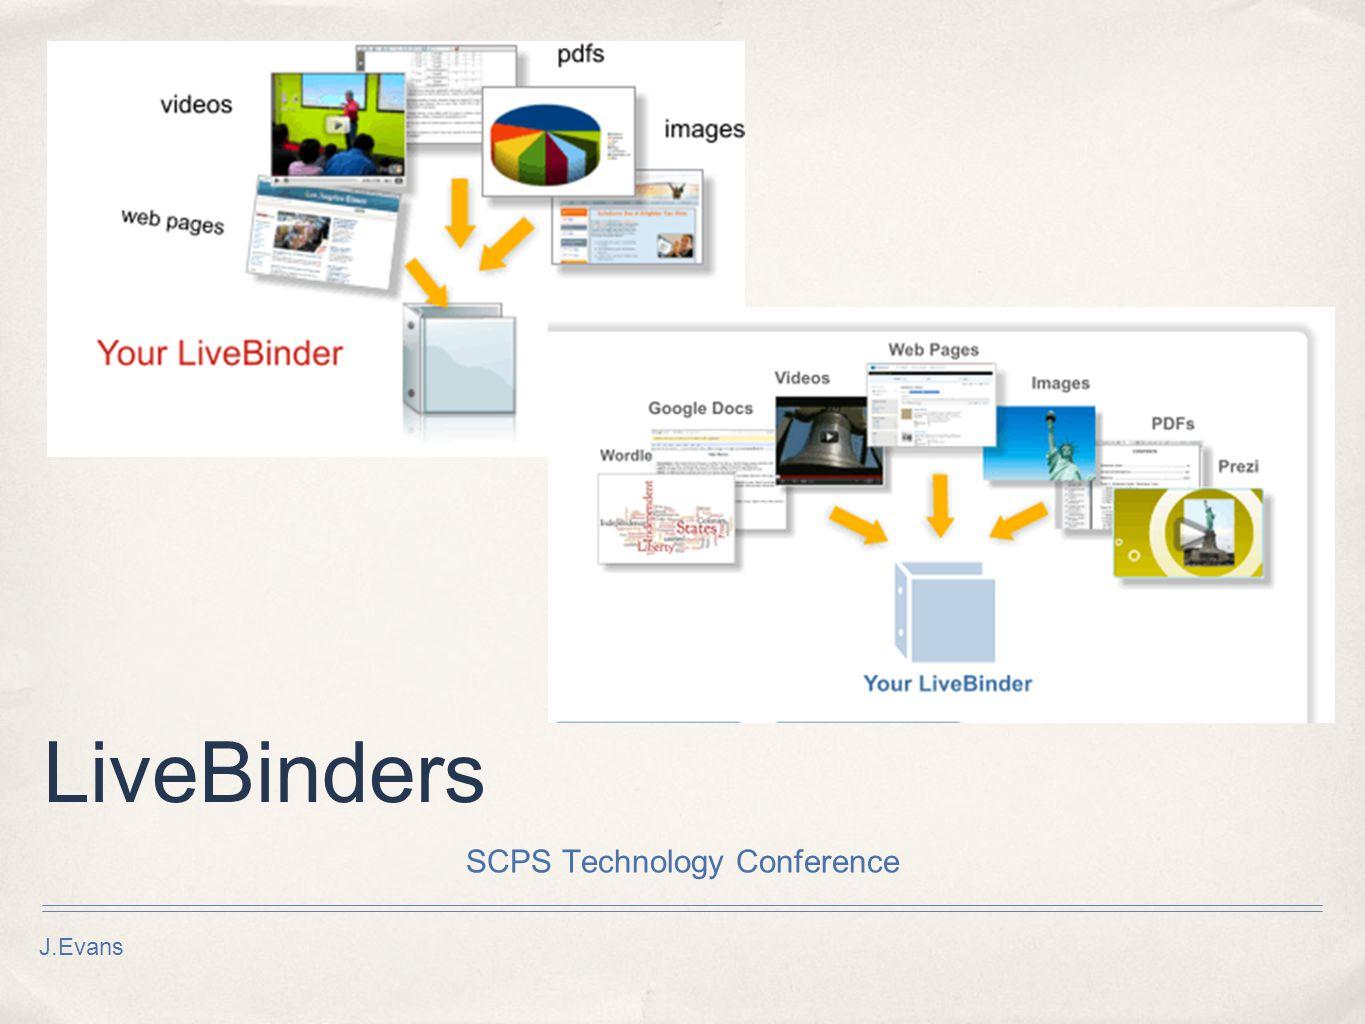 J.Evans LiveBinders SCPS Technology Conference